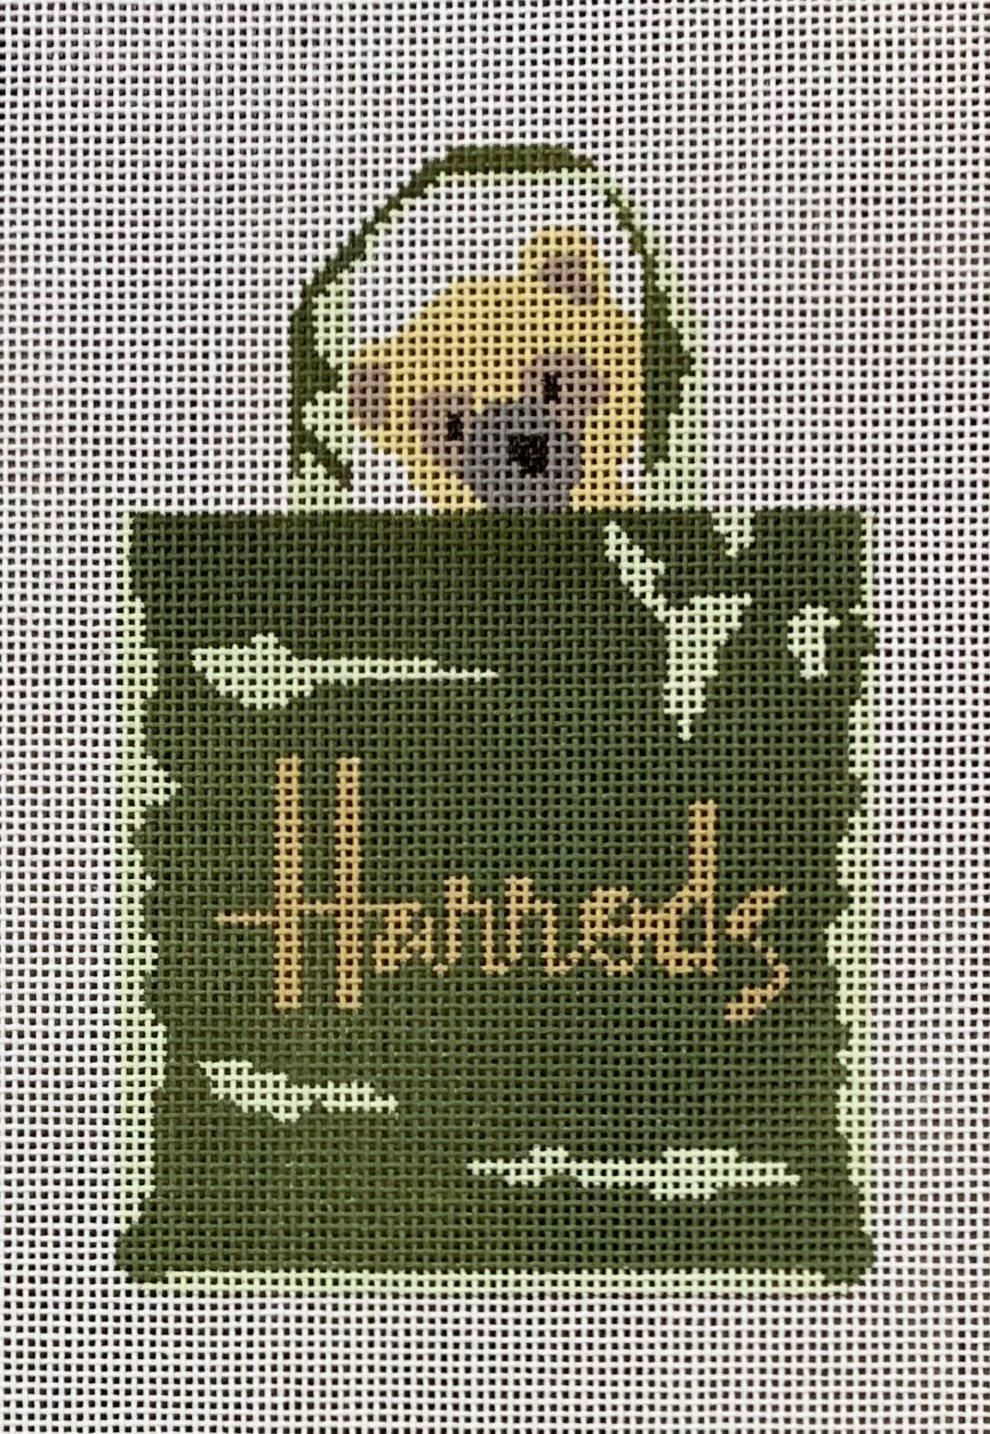 Harrods Shopping Bag